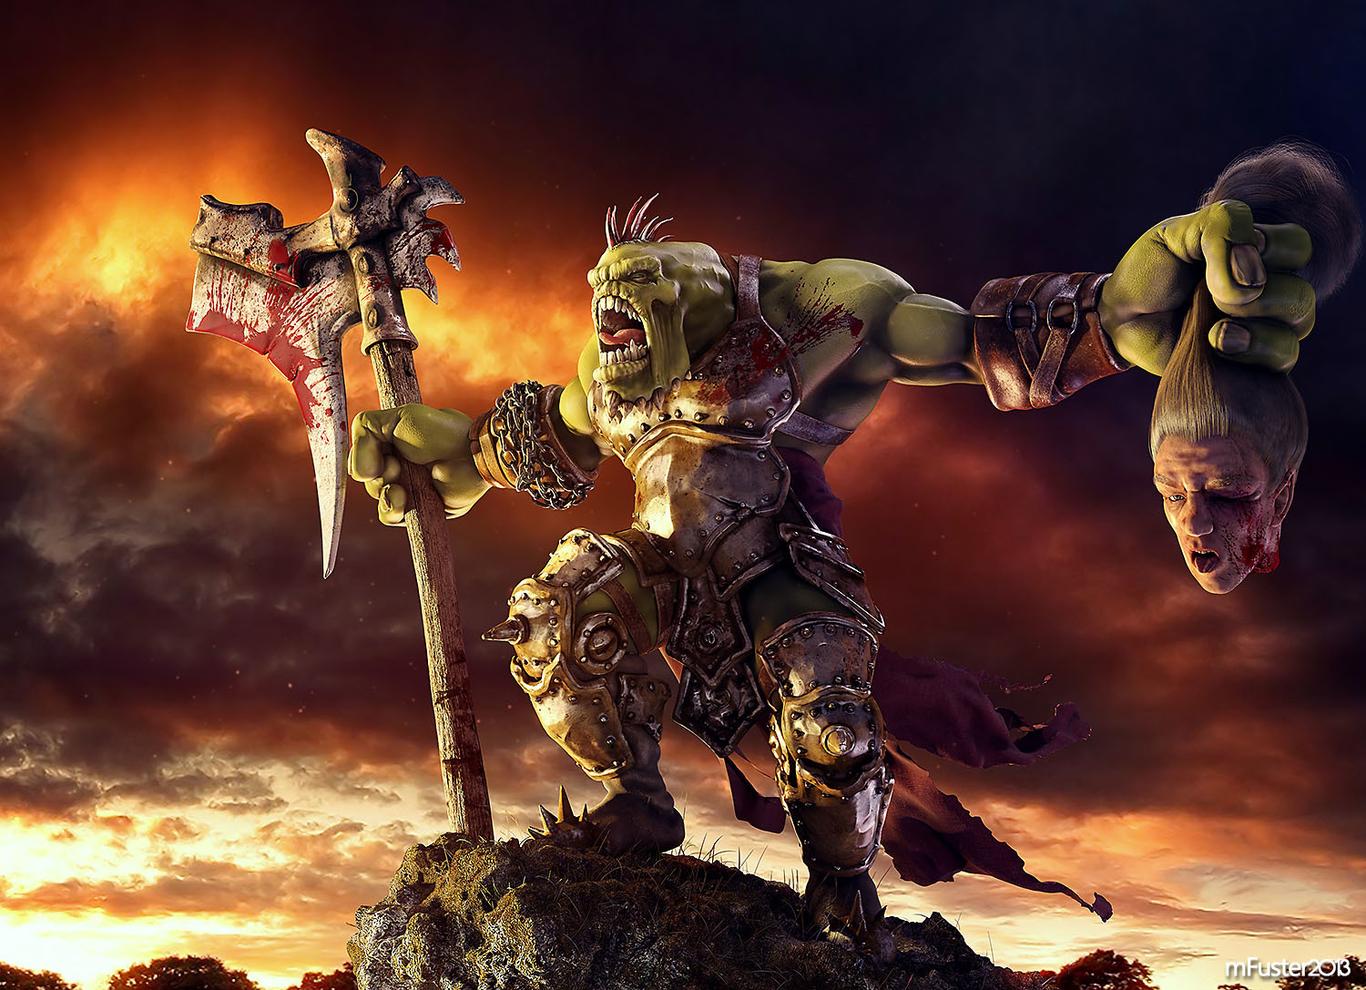 Akira3d the trollblood 1 260e2b18 3awe